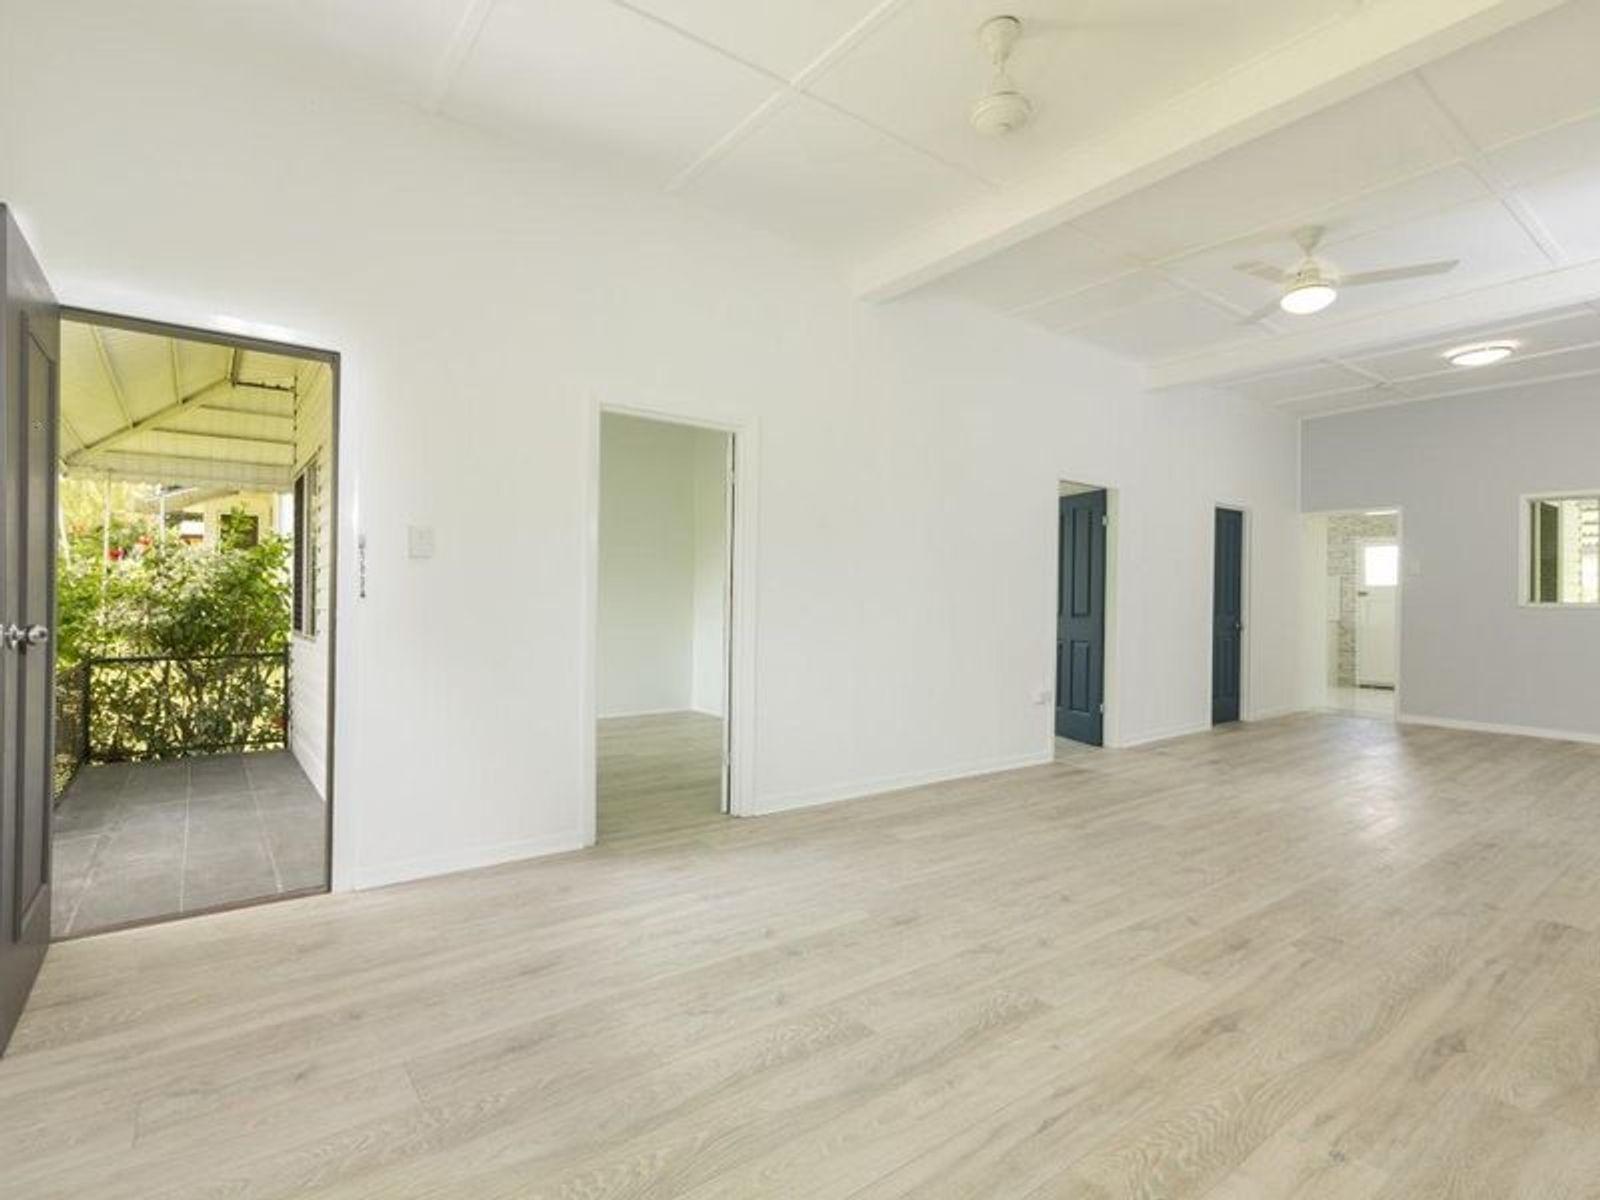 5 Webb Crescent East Innisfail, QLD, 4860, East Innisfail, QLD 4860